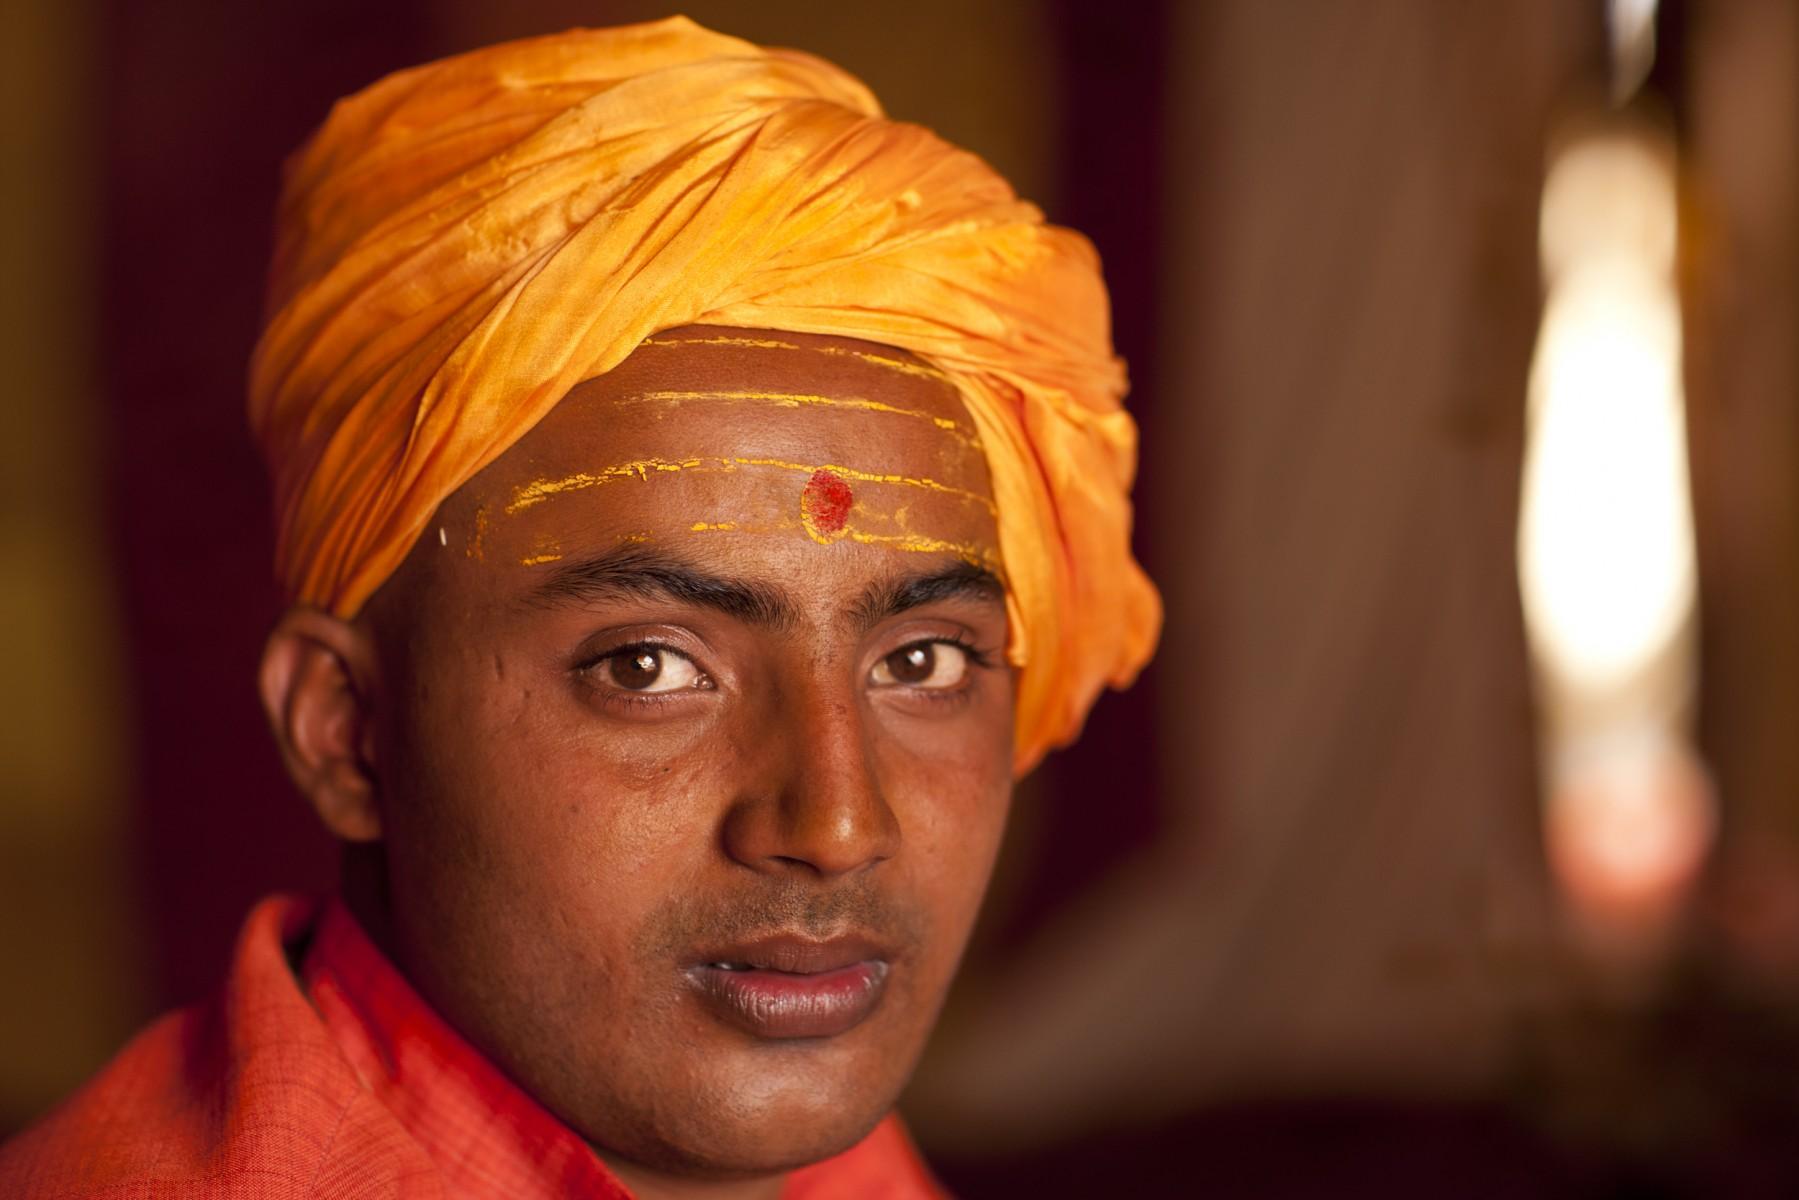 Surayand Sarswati